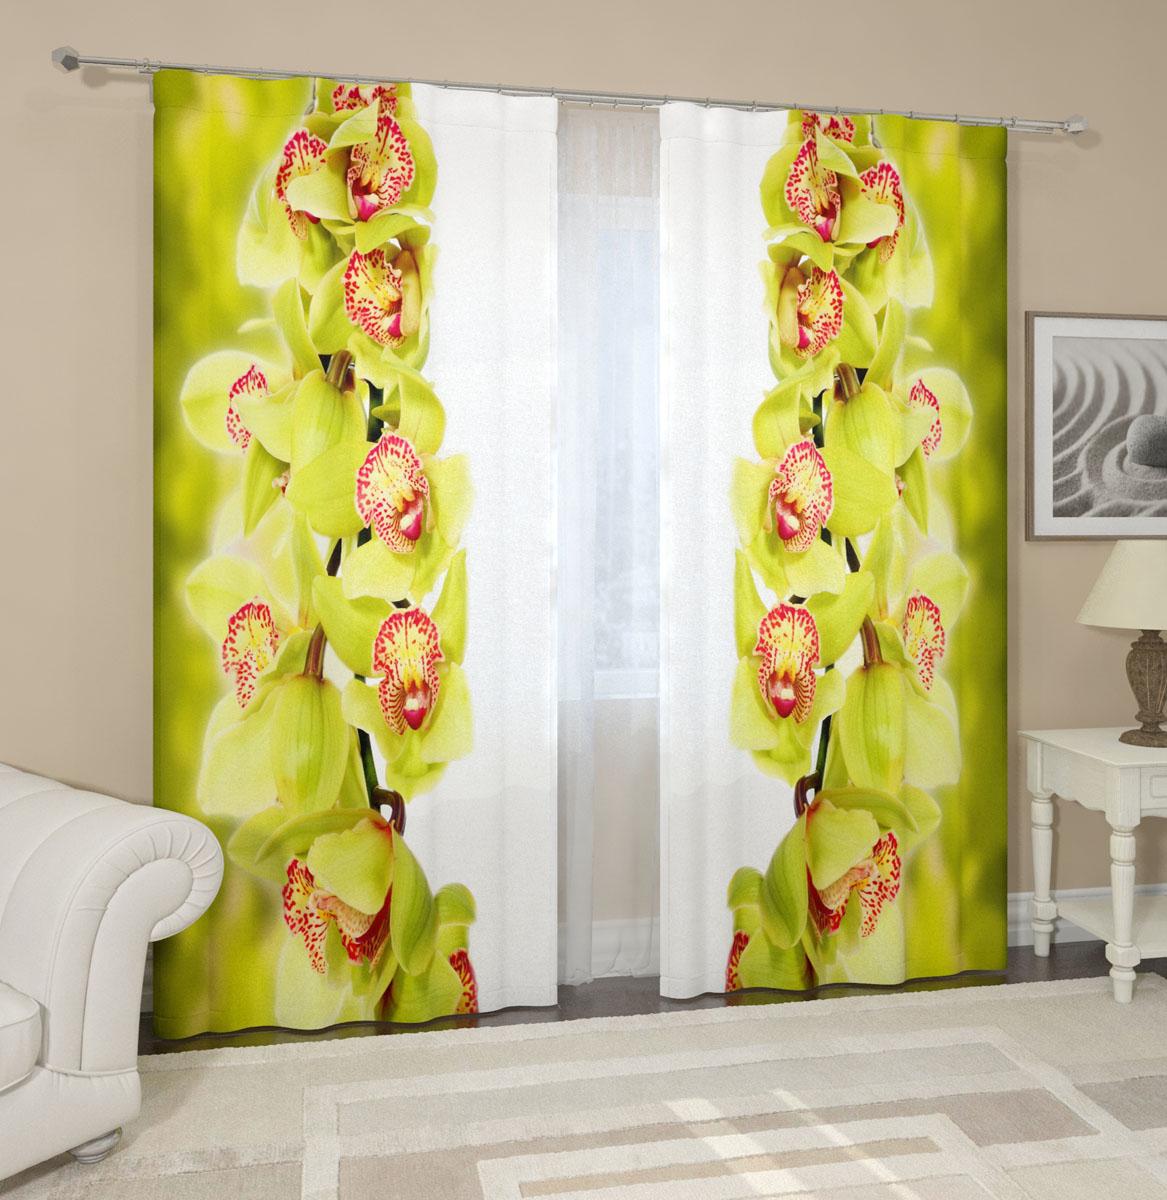 Комплект фотоштор Сирень Ветки зеленой орхидеи, на ленте, высота 260 см04612-ФШ-ГБ-001Фотошторы Сирень Ветки зеленой орхидеи, выполненные из габардина (100% полиэстера), отлично дополнят украшение любого интерьера. Особенностью ткани габардин является небольшая плотность, из-за чего ткань хорошо пропускает воздух и солнечный свет. Ткань хорошо держит форму, не требует специального ухода. Крепление на карниз при помощи шторной ленты на крючки. В комплекте 2 шторы. Ширина одного полотна: 145 см. Высота штор: 260 см. Рекомендации по уходу: стирка при 30 градусах, гладить при температуре до 110 градусов. Изображение на мониторе может немного отличаться от реального.